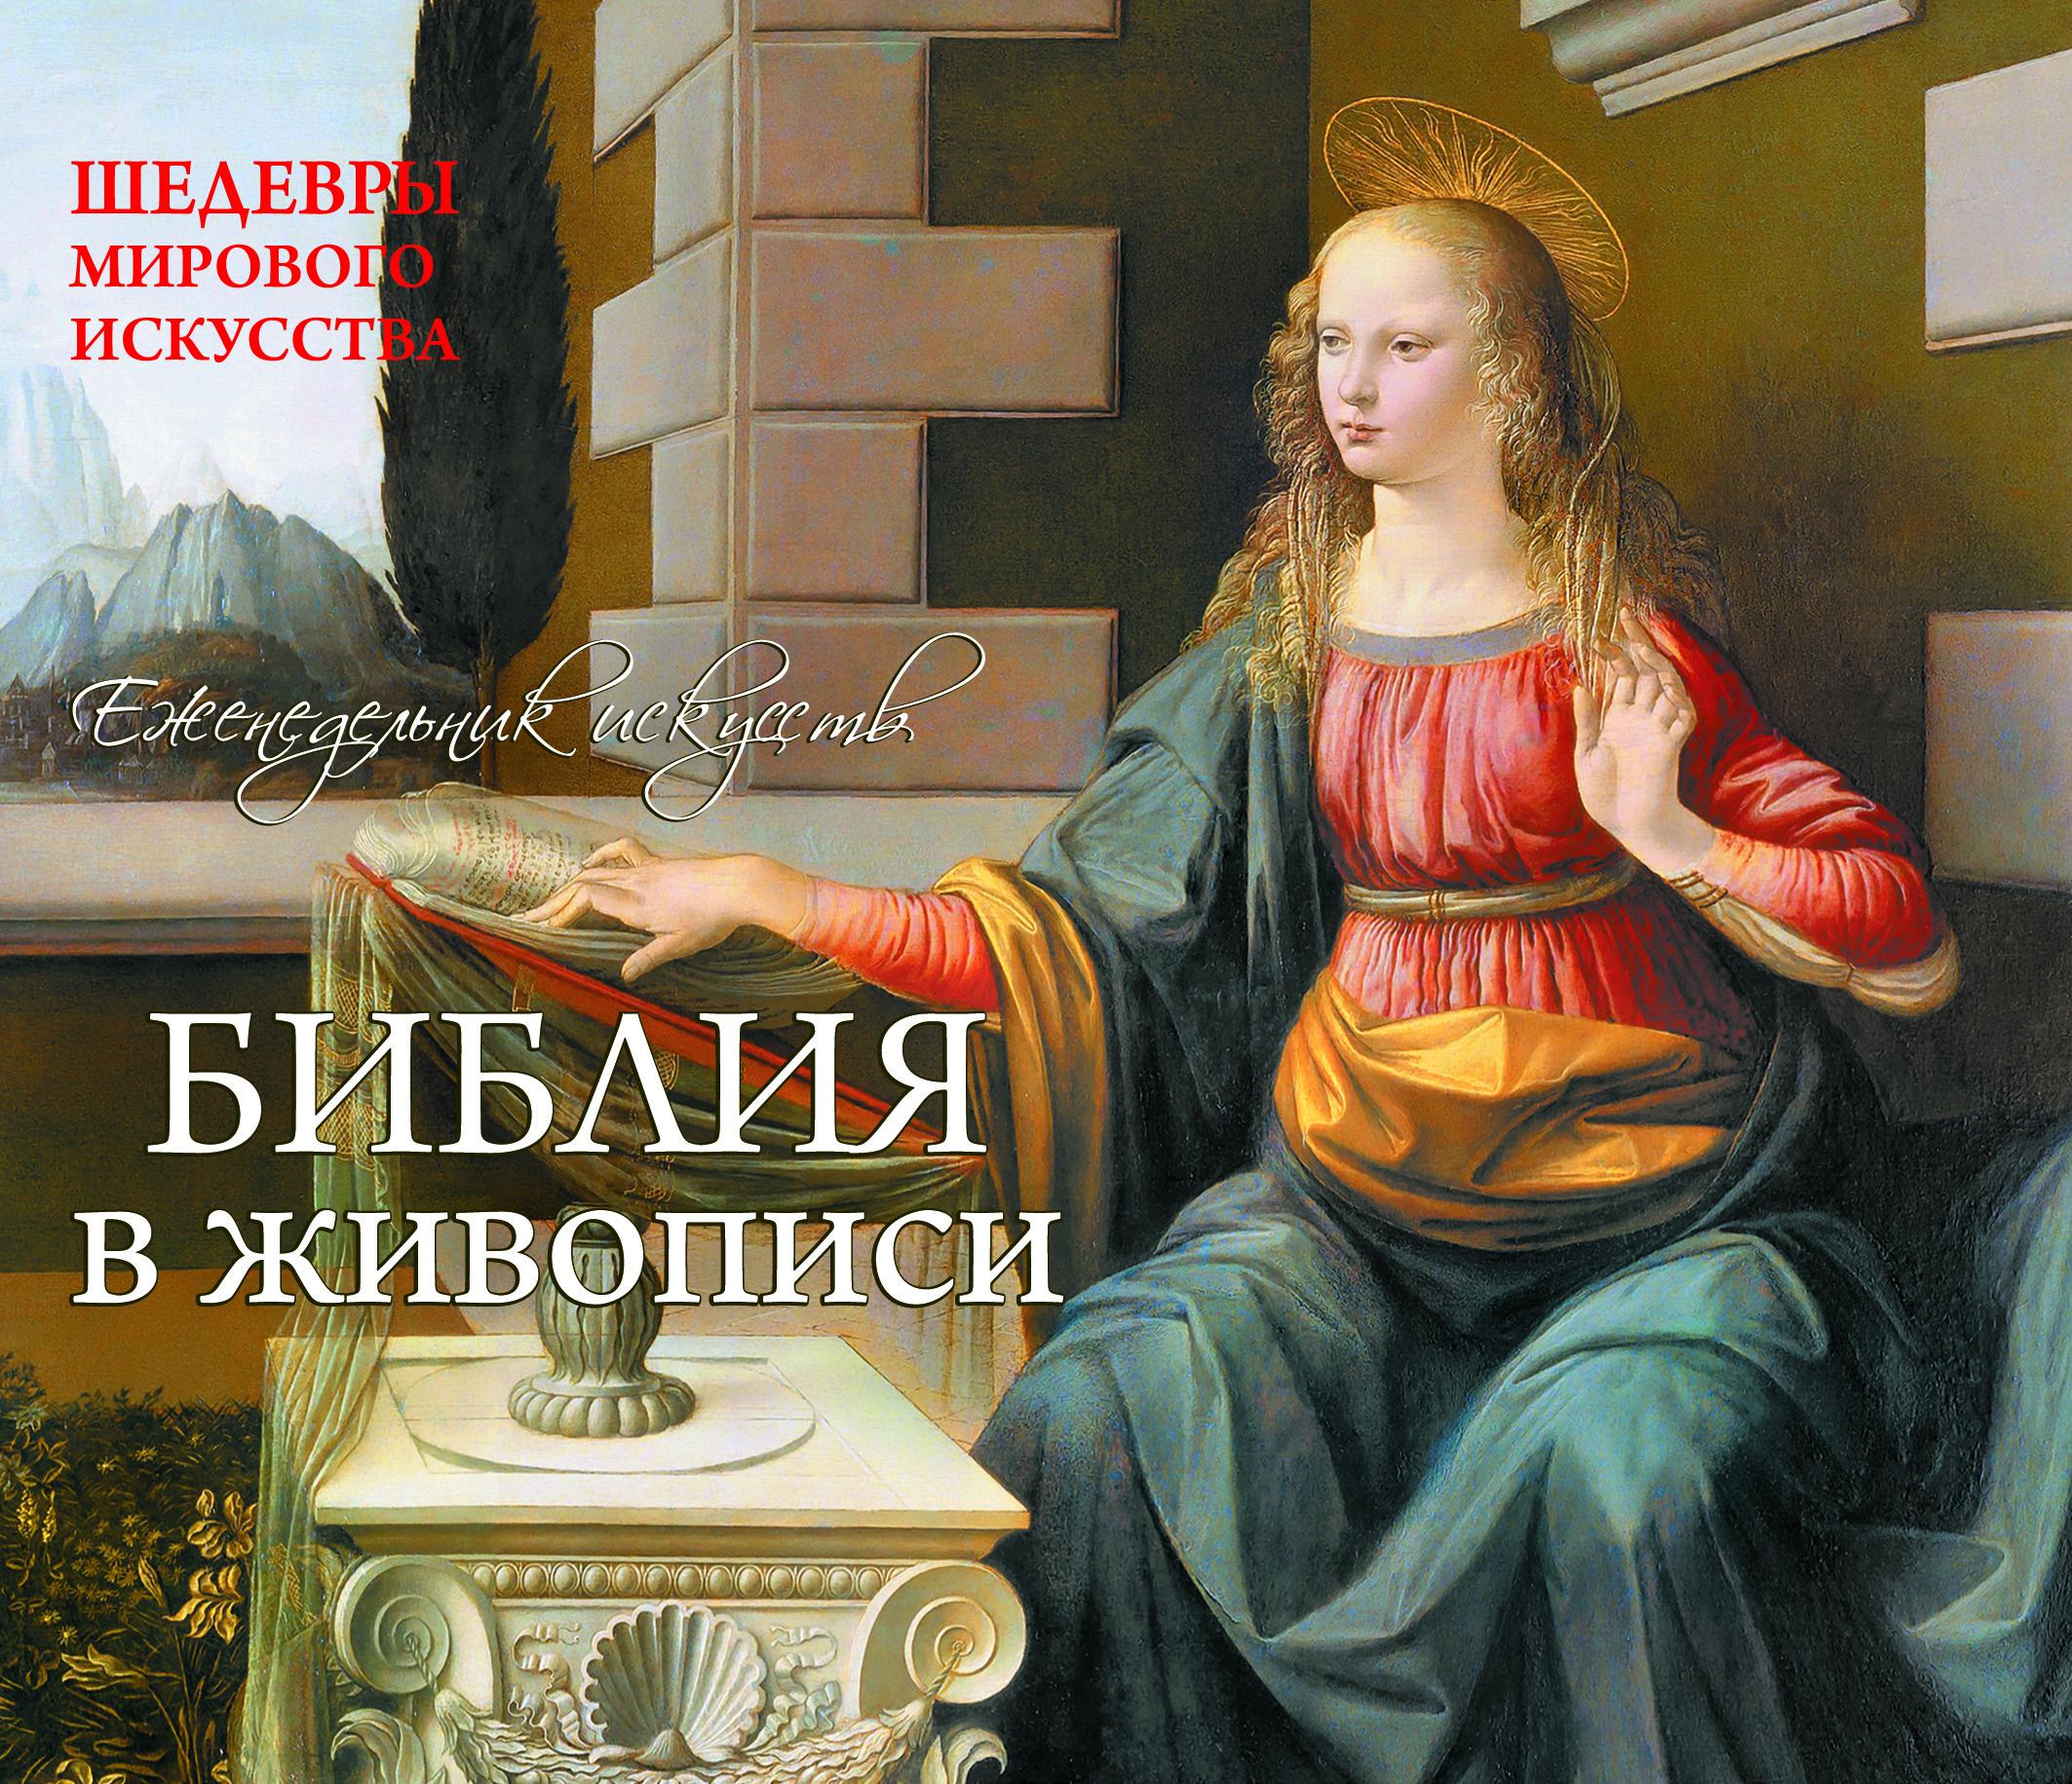 Библия. Шедевры мирового искусства. Еженедельник искусств